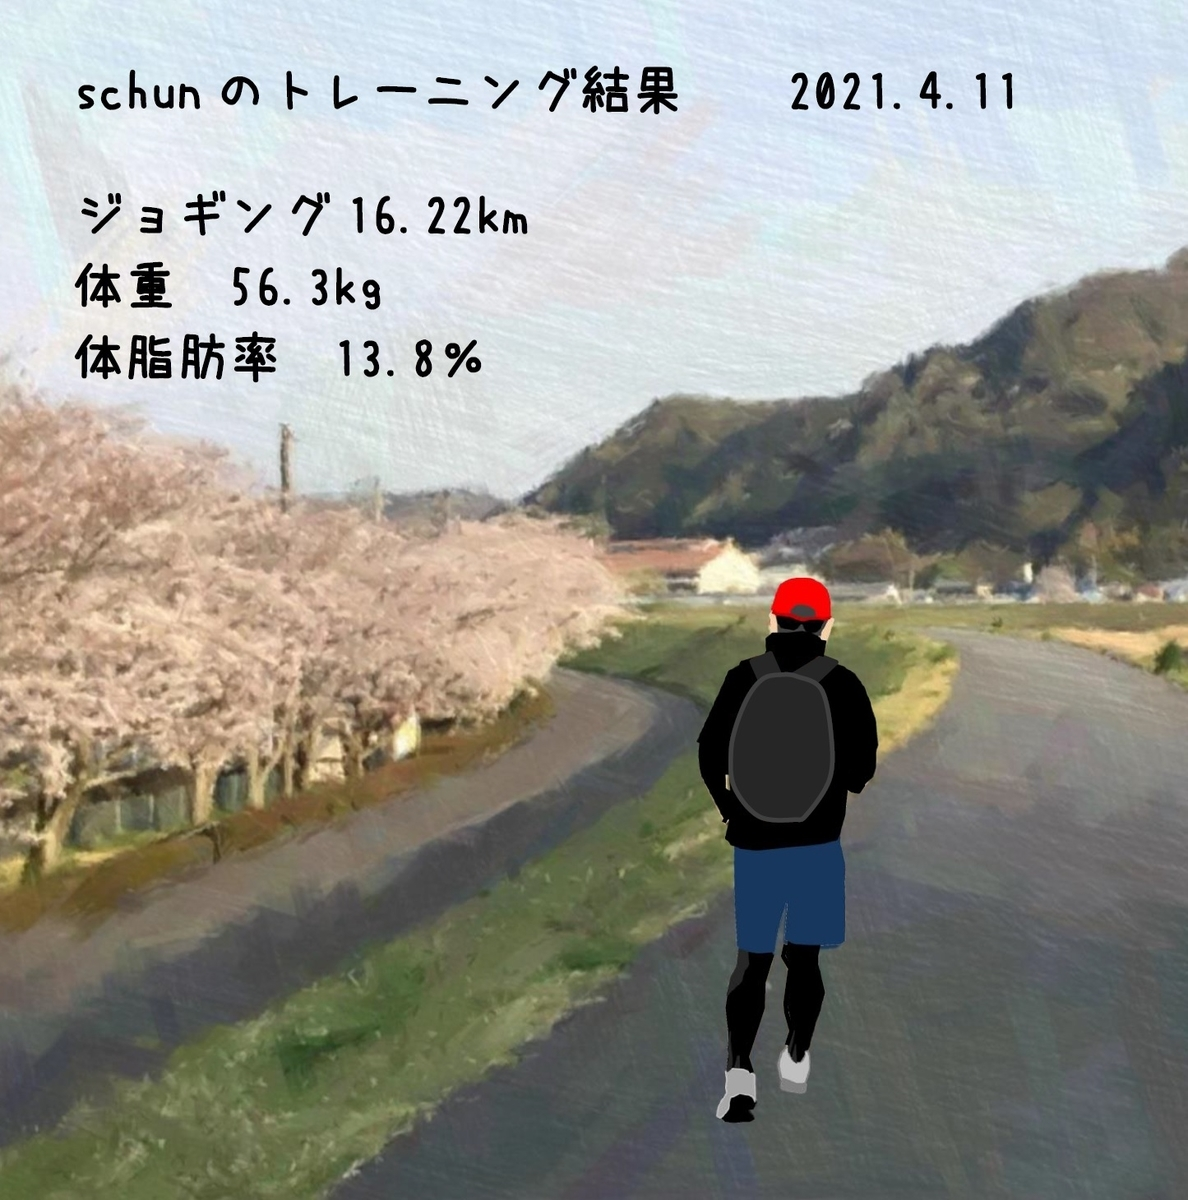 f:id:schunchi2007:20210411205647j:plain